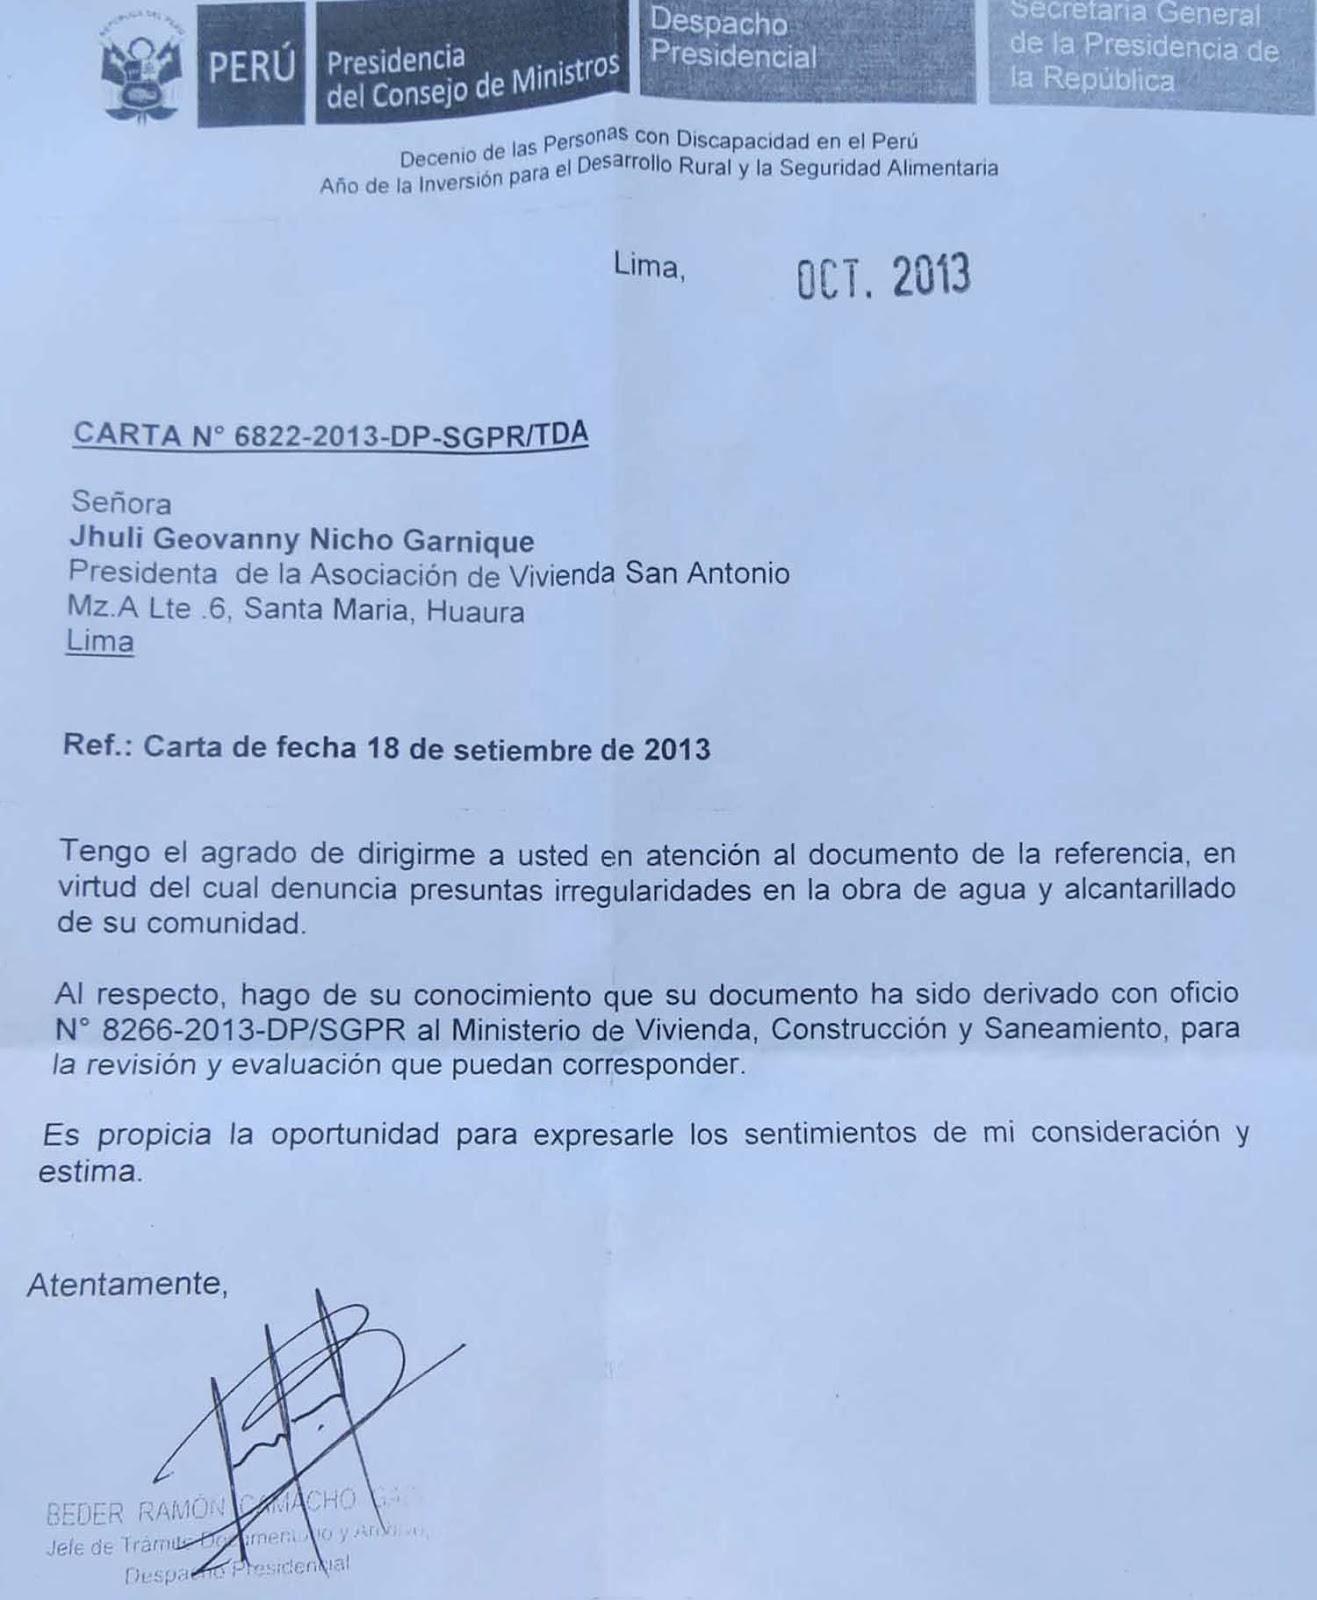 Documento N°6822 remitida desde el despacho presidencial.